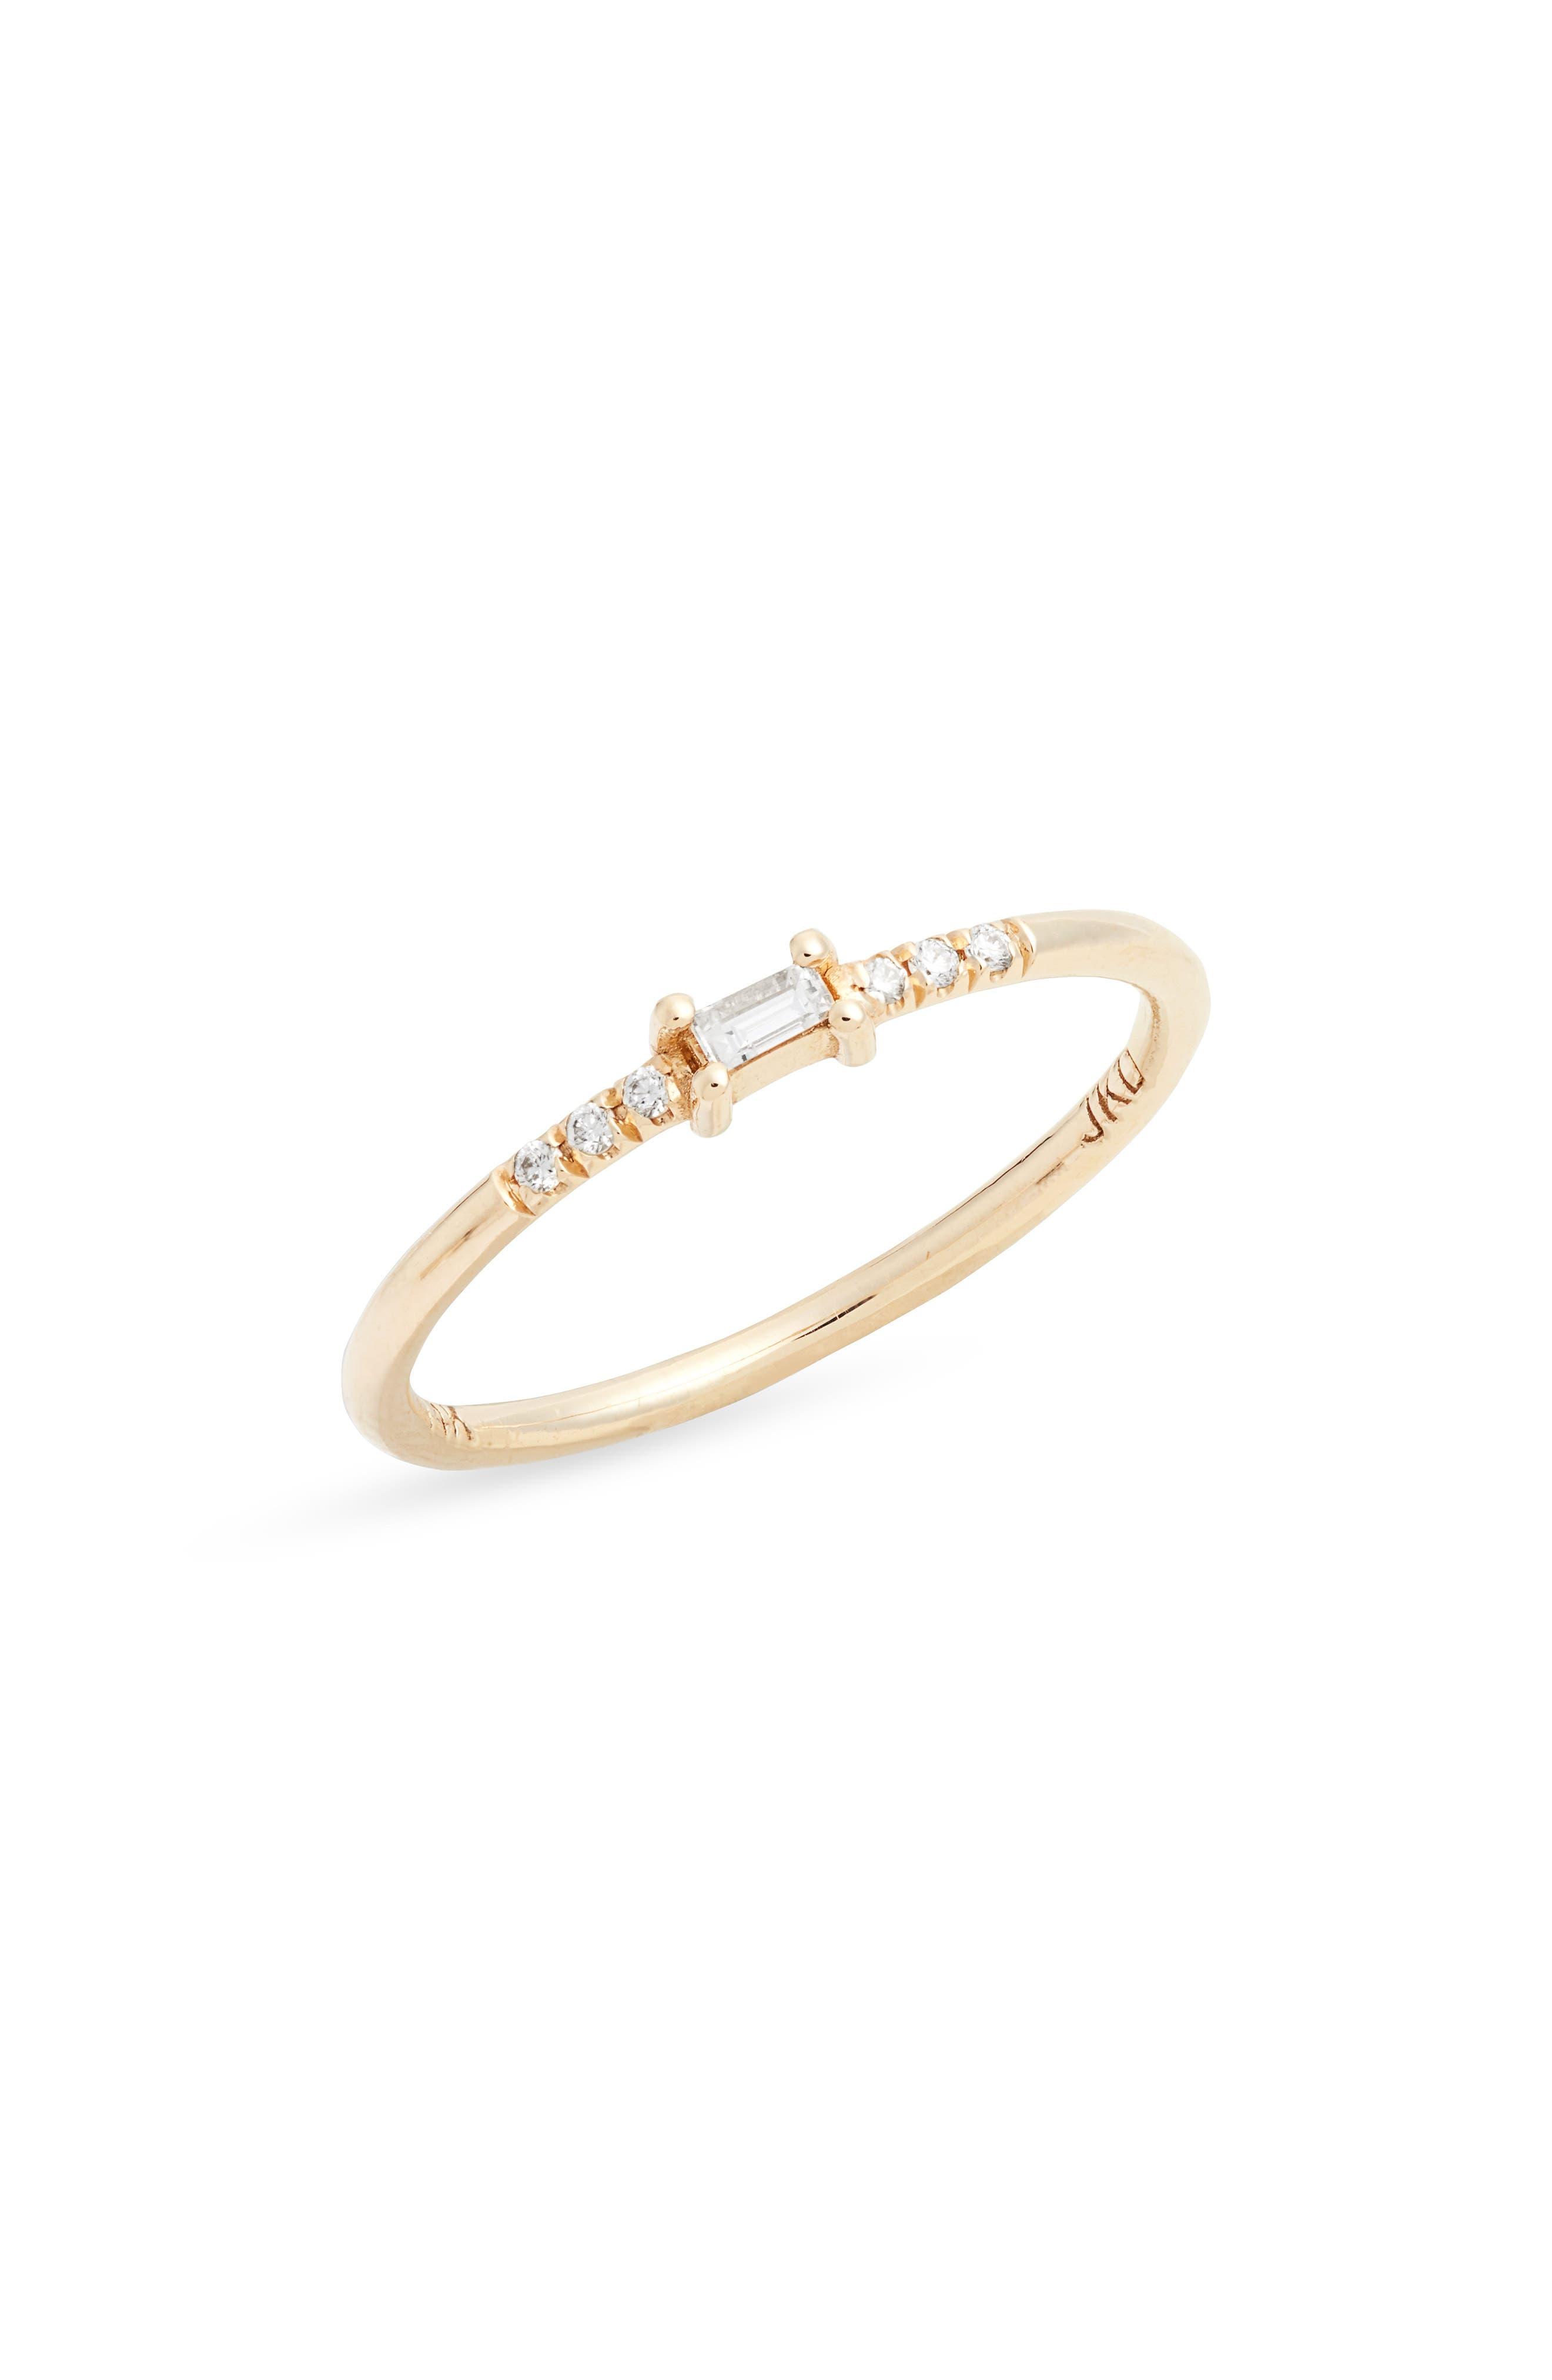 Petite Baguette Equilibrium Diamond Ring